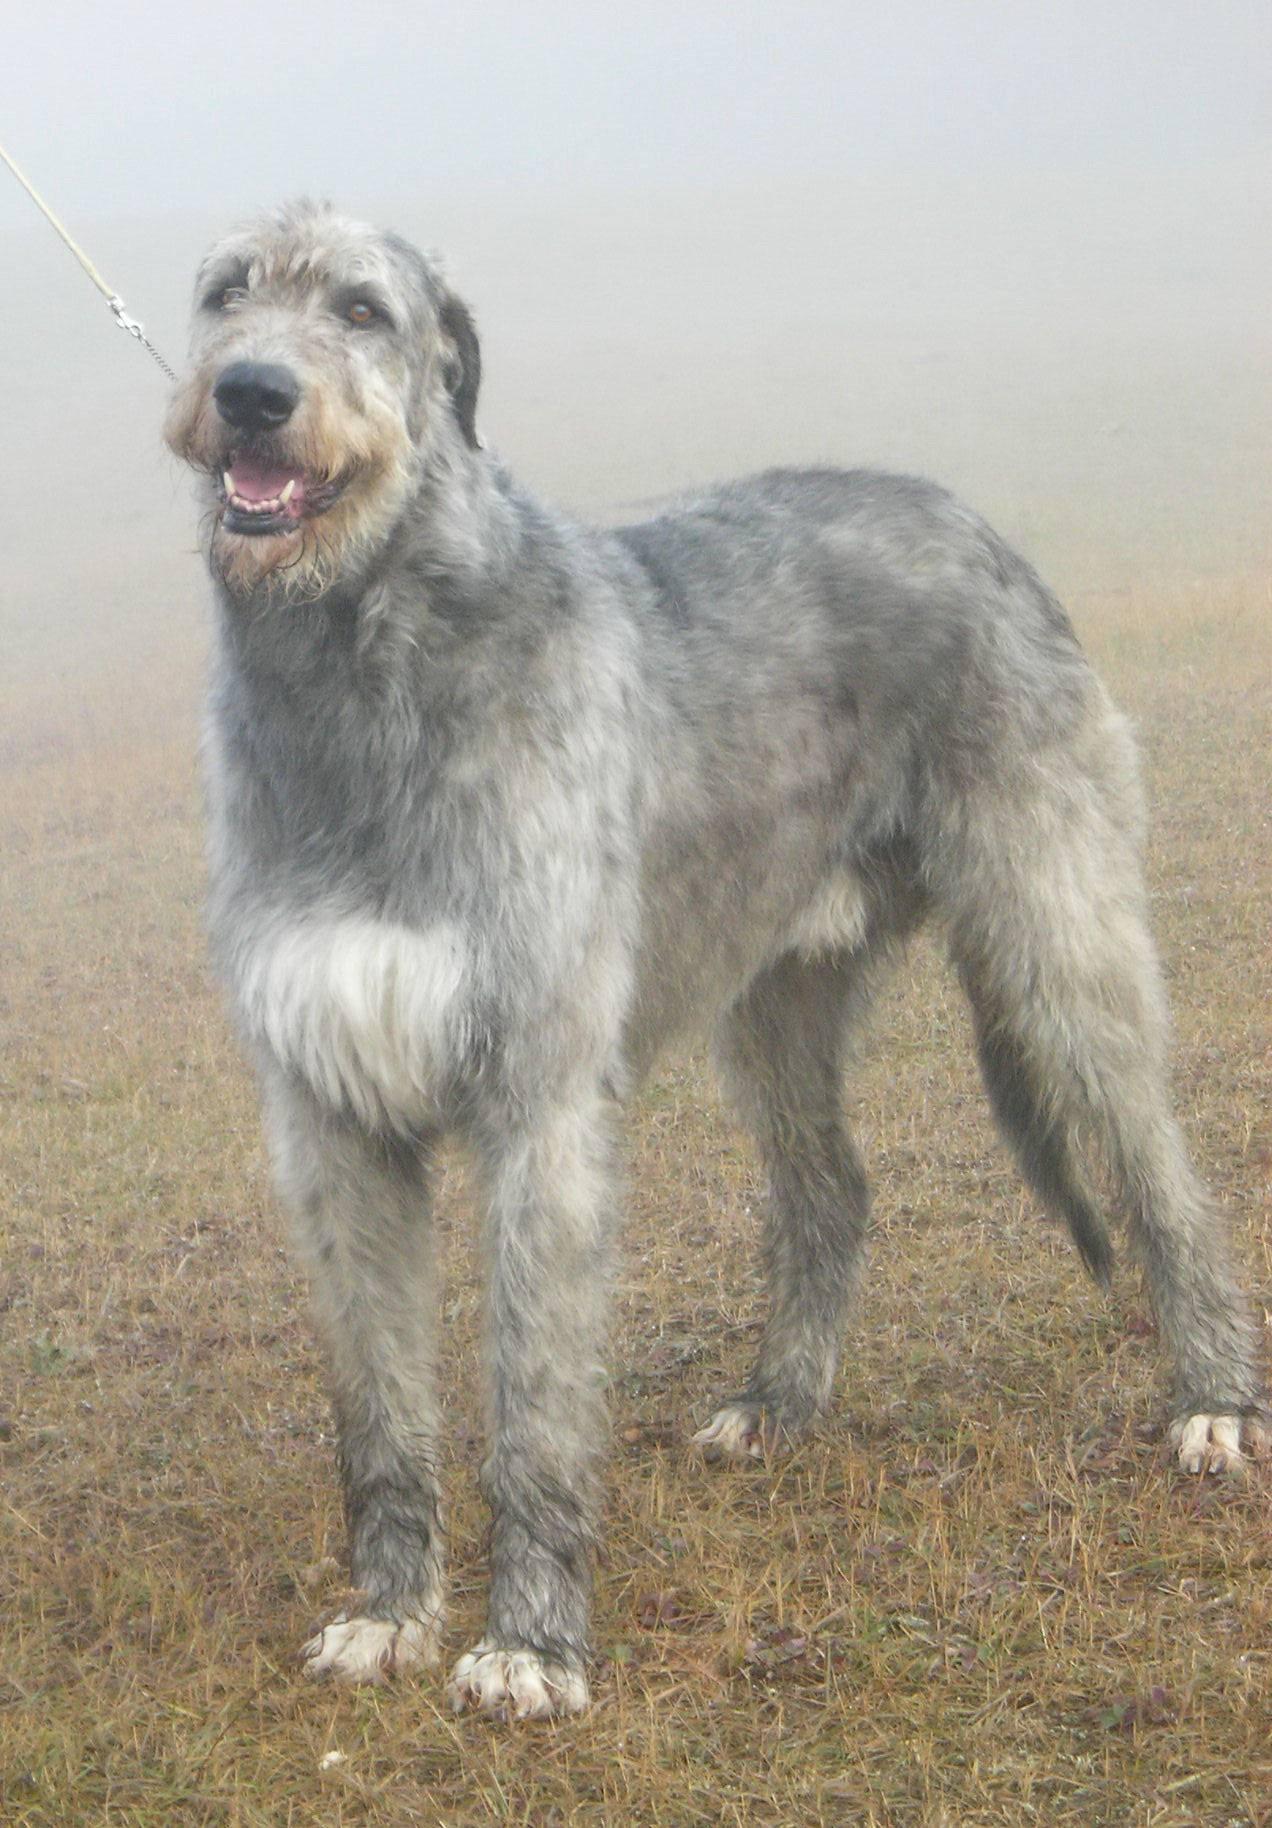 Grady in the mist